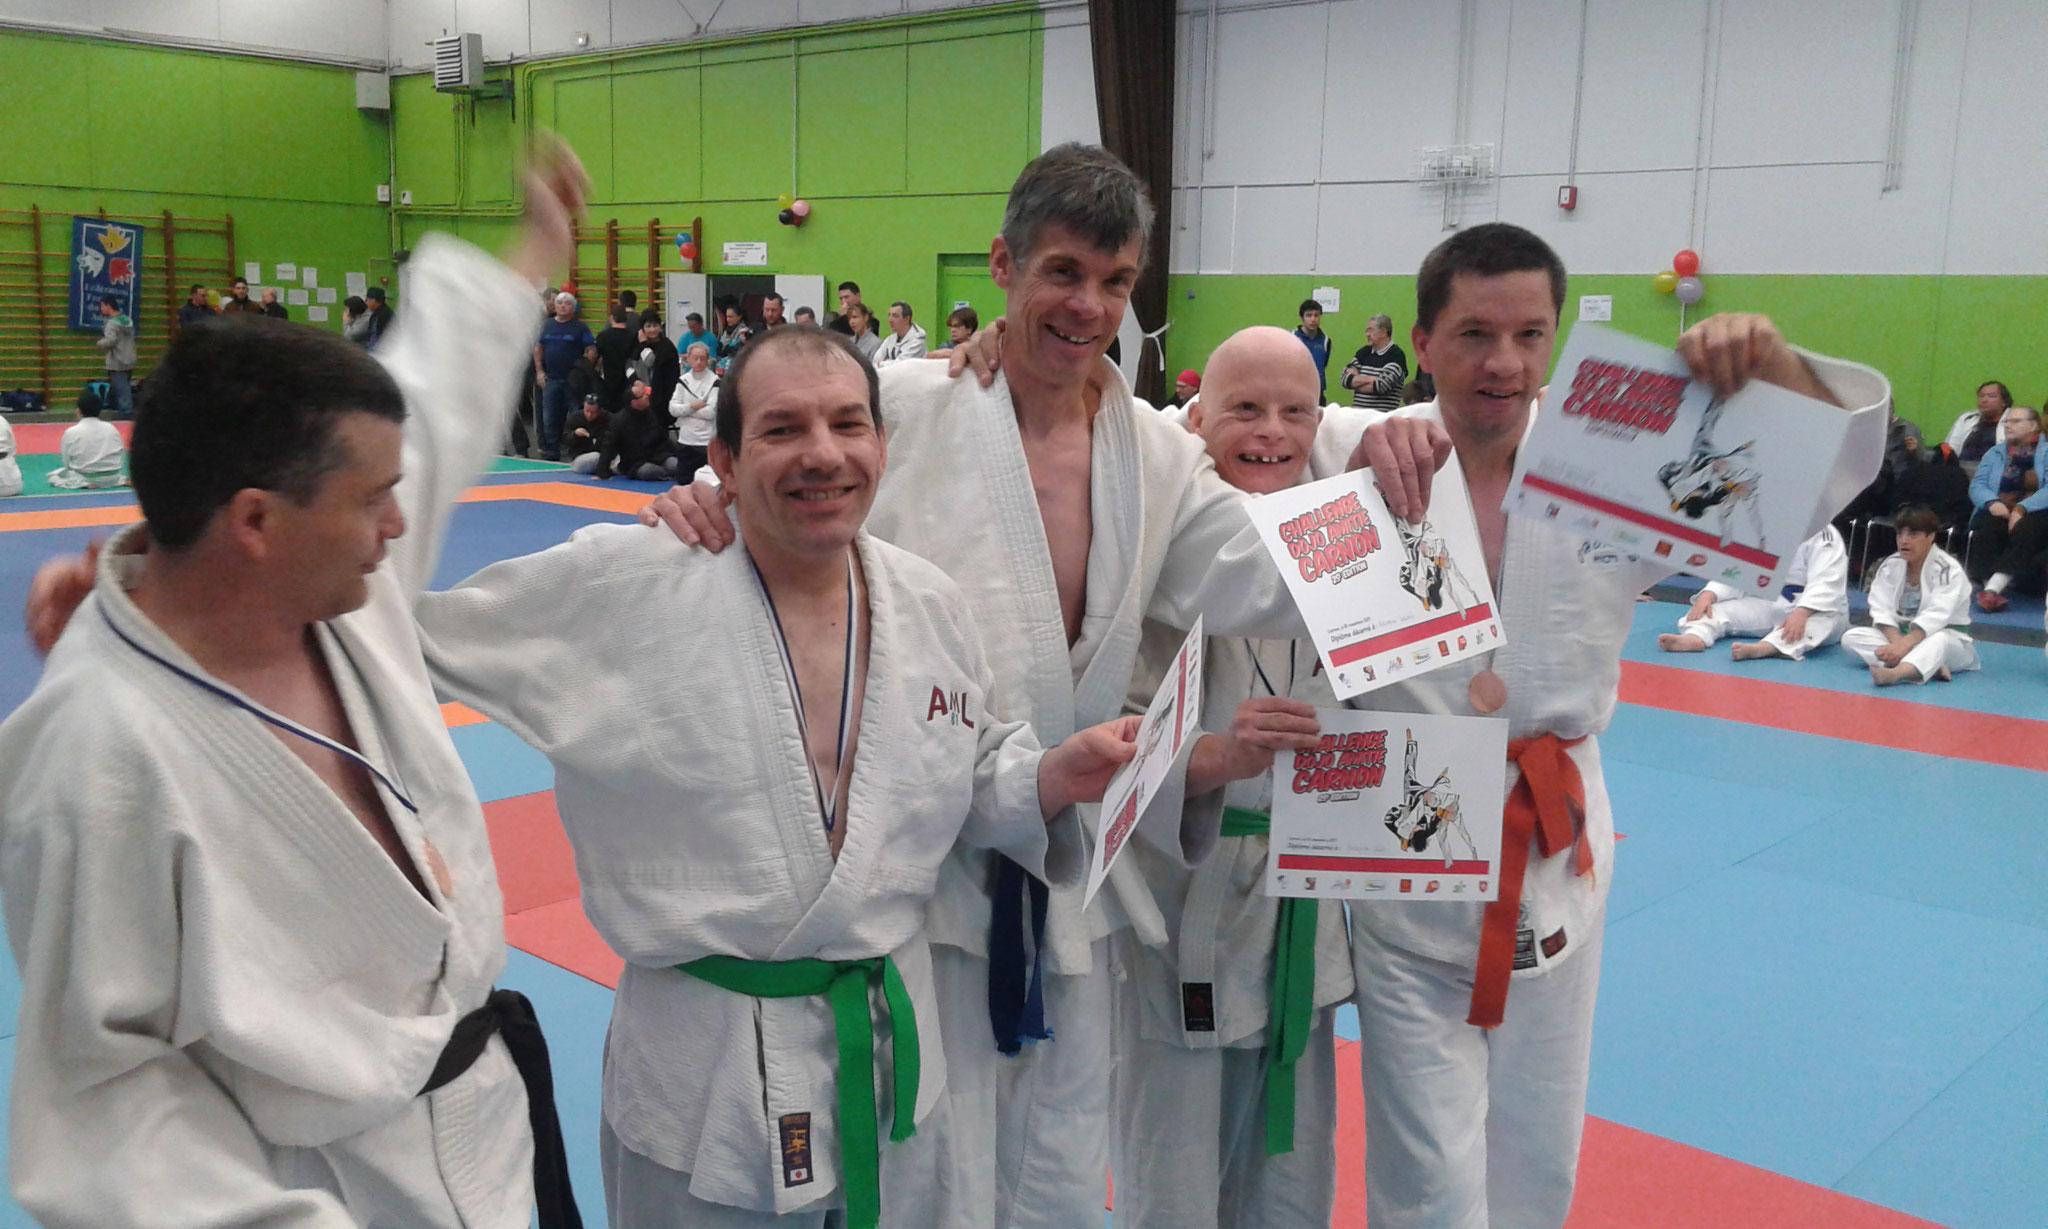 Championnat Interrégional Judo Occitanie,Laurent avec son équipe de compétiteurs